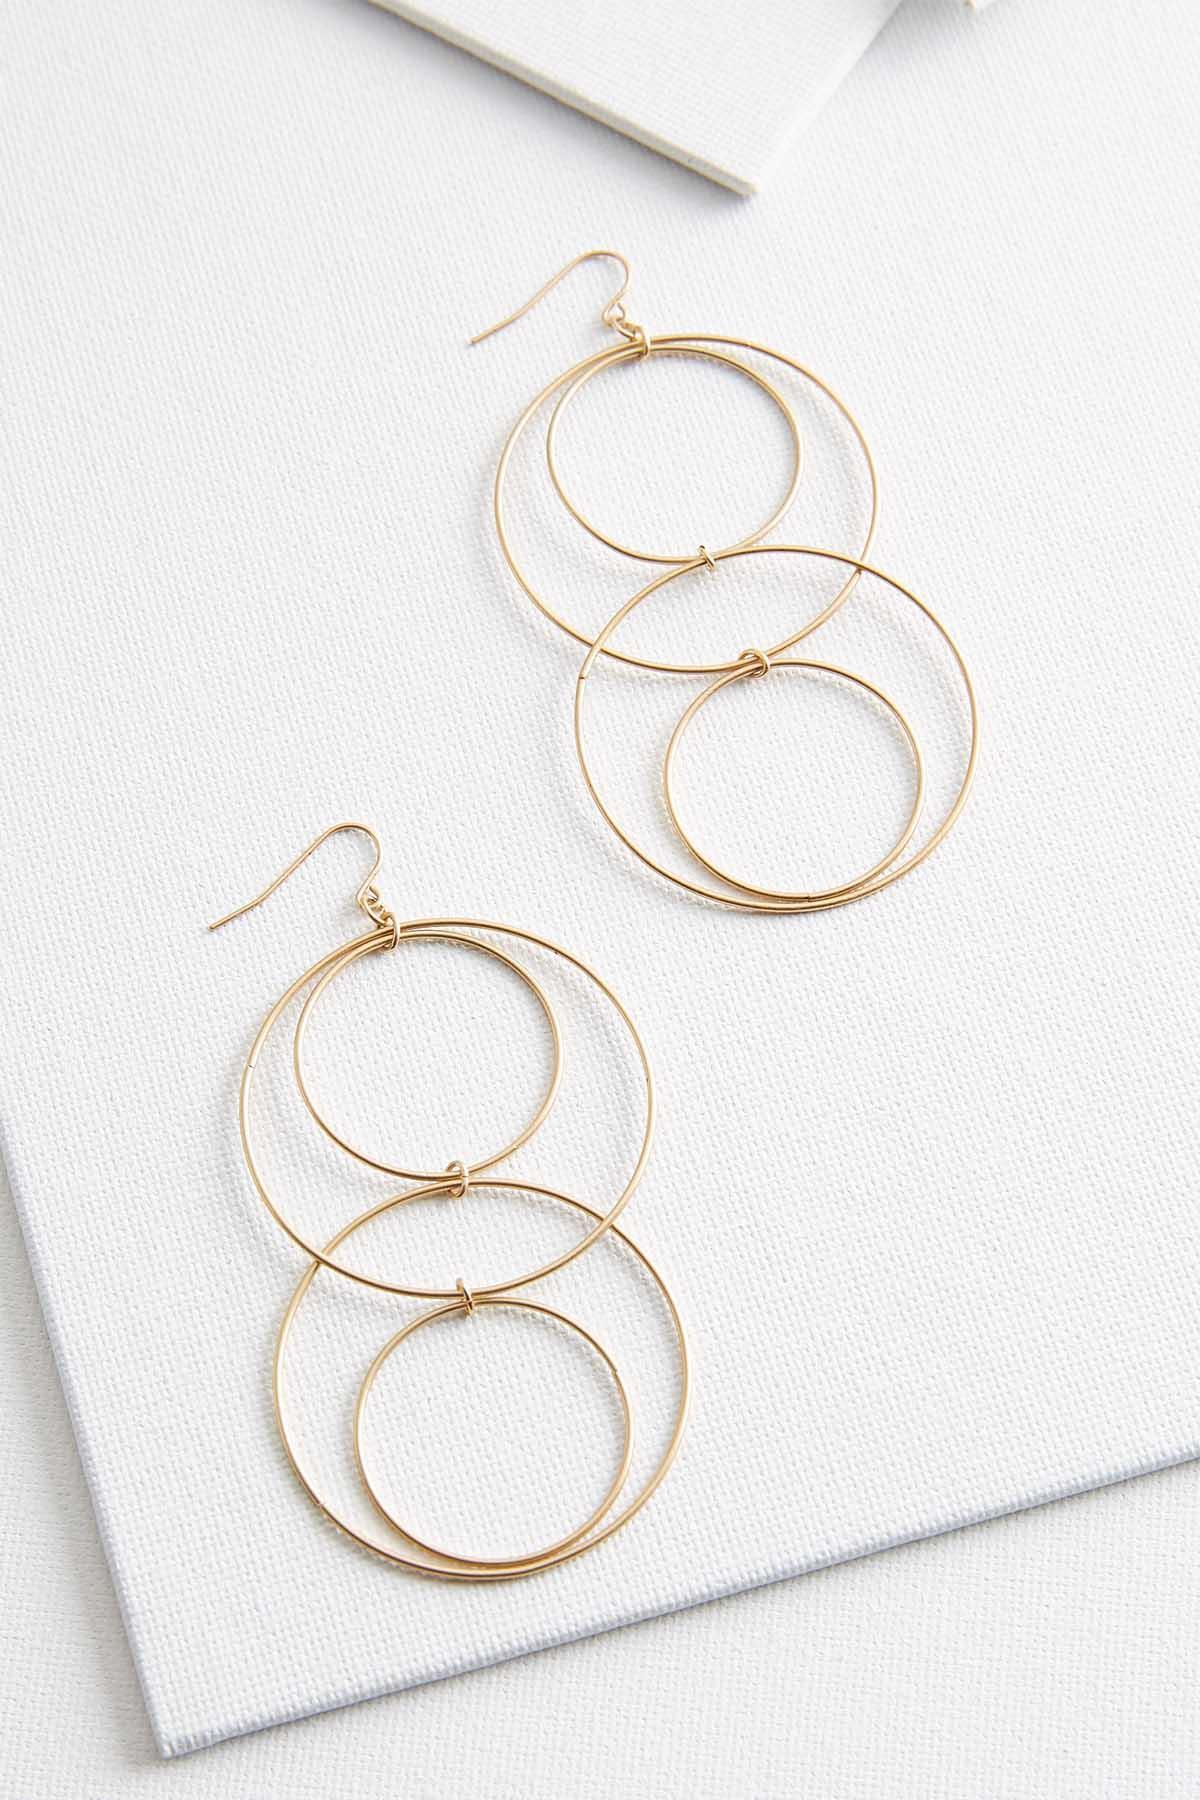 Mod Ring Earrings